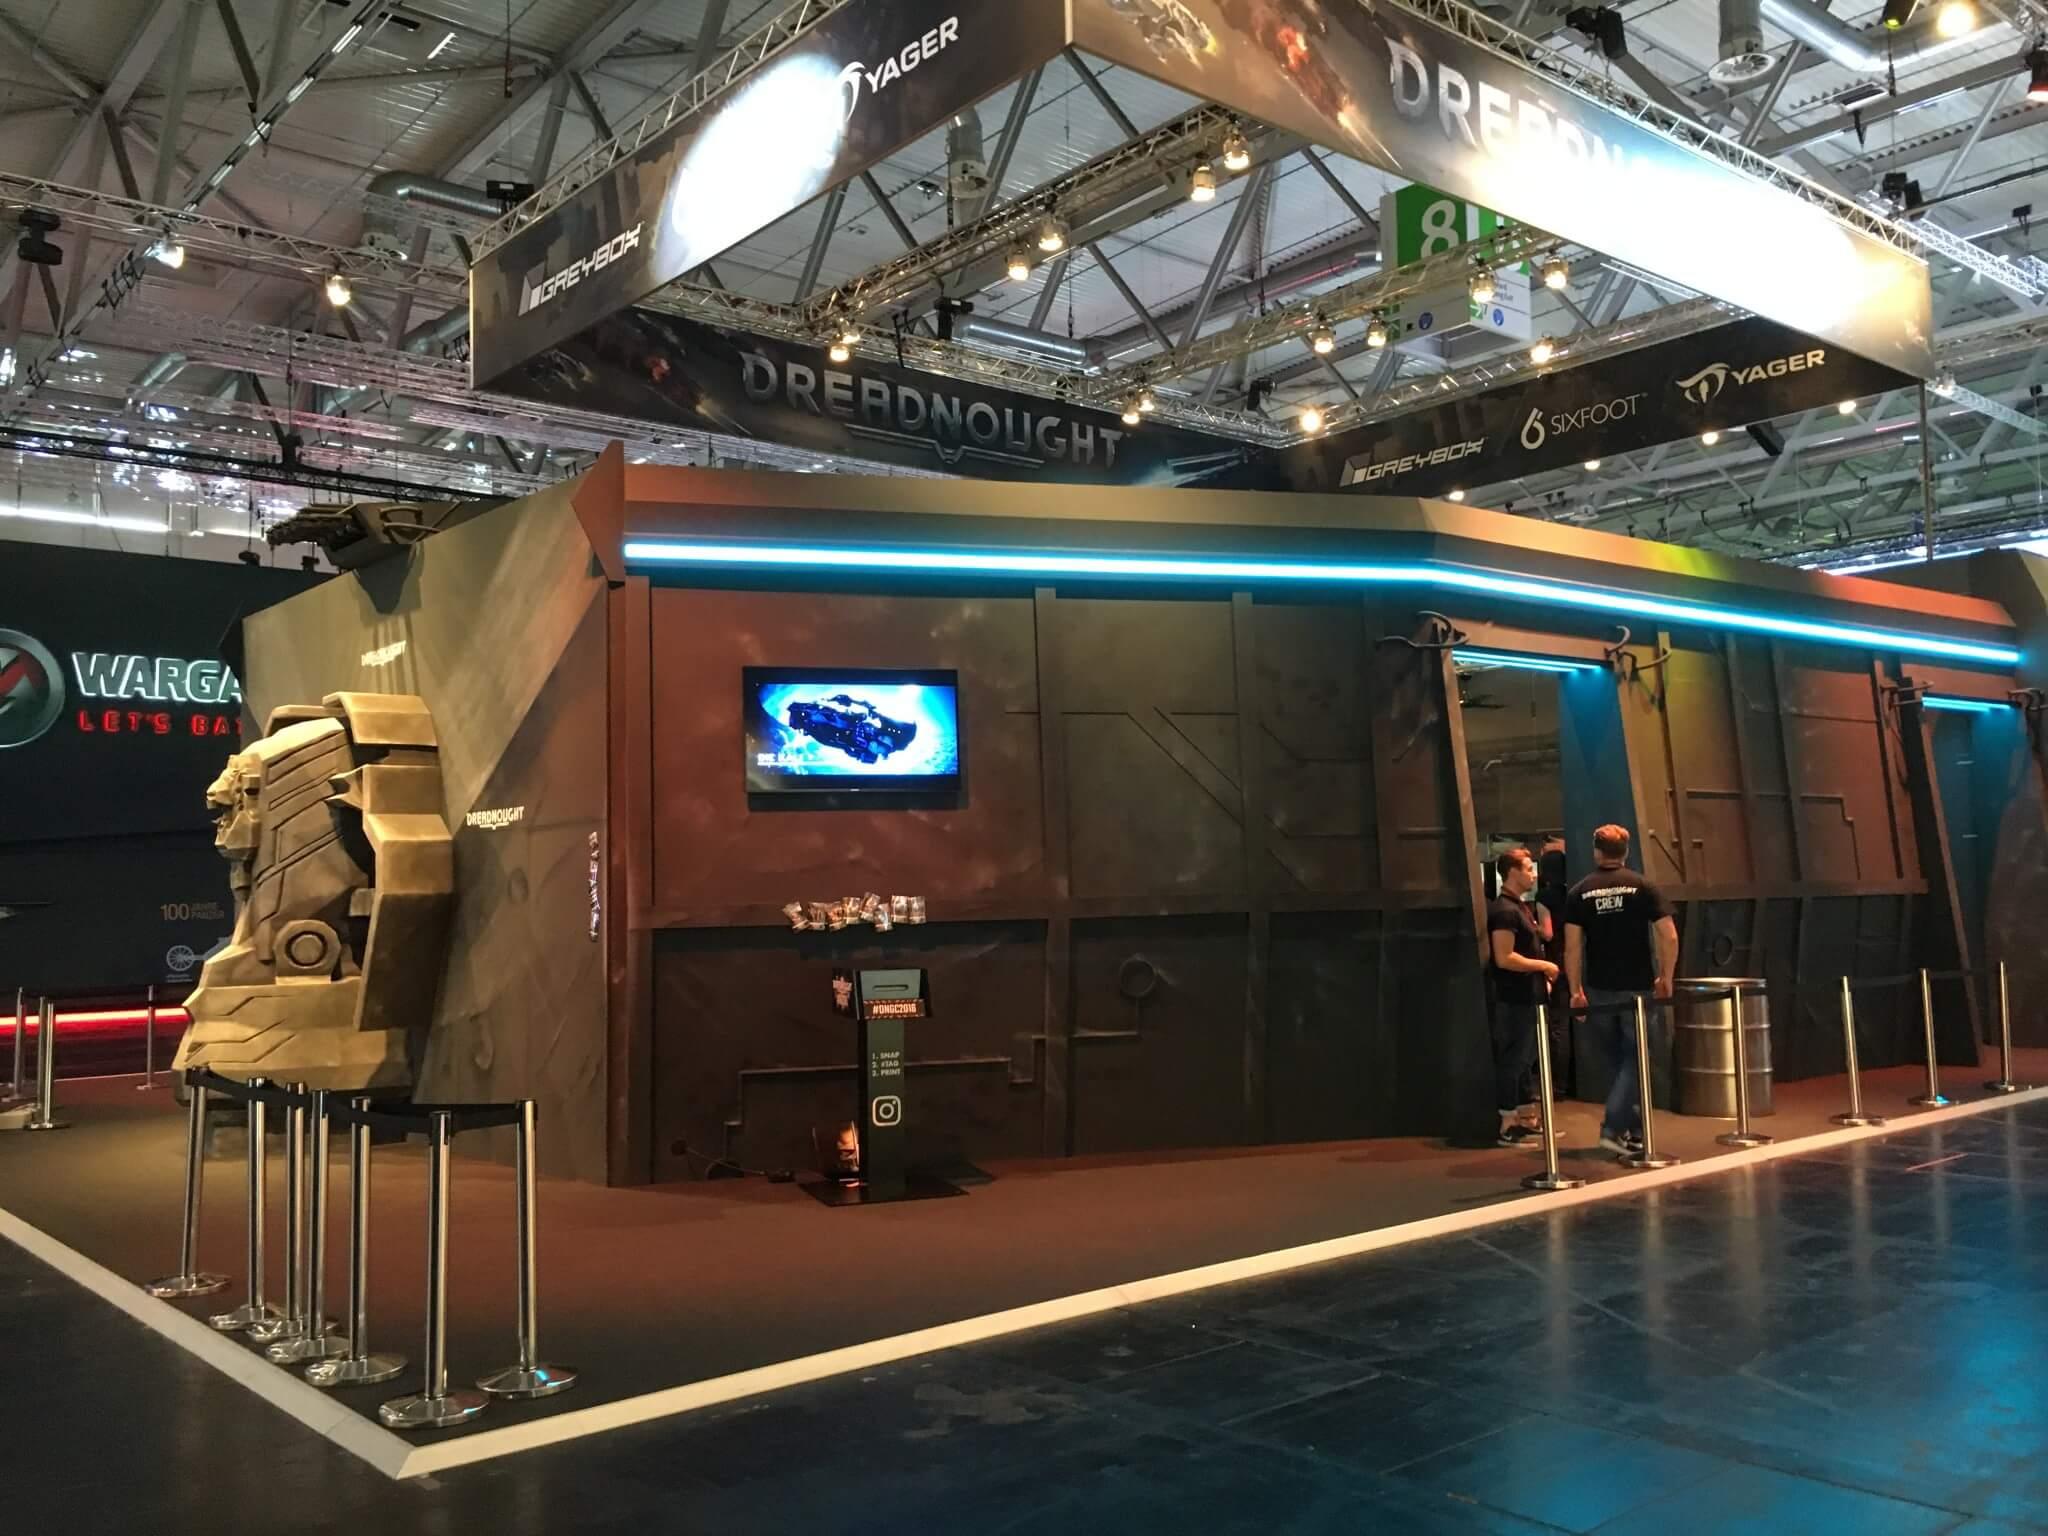 Gamescom 2016: Einige Messestände waren aufwendig gestaltet – hier: Dreadnought